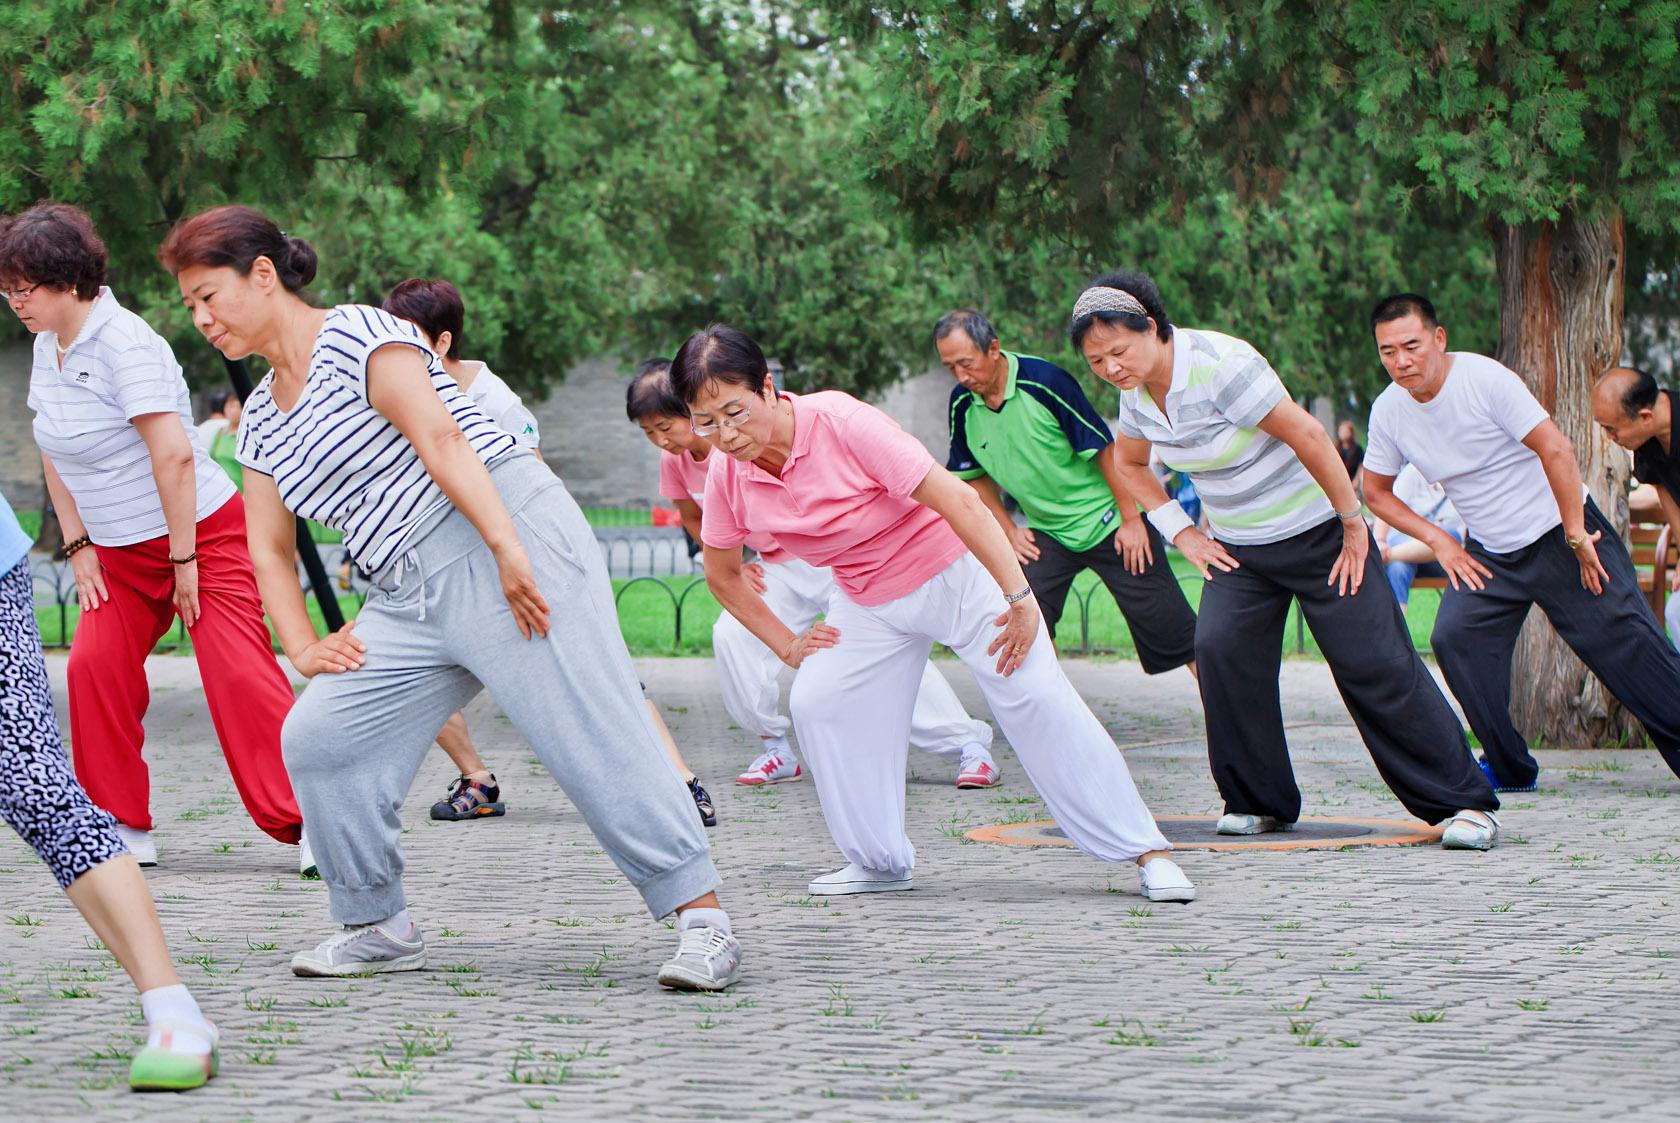 Overal waar je komt, zie je grote groepen mensen op straten en pleinen dansen en oefeningen doen